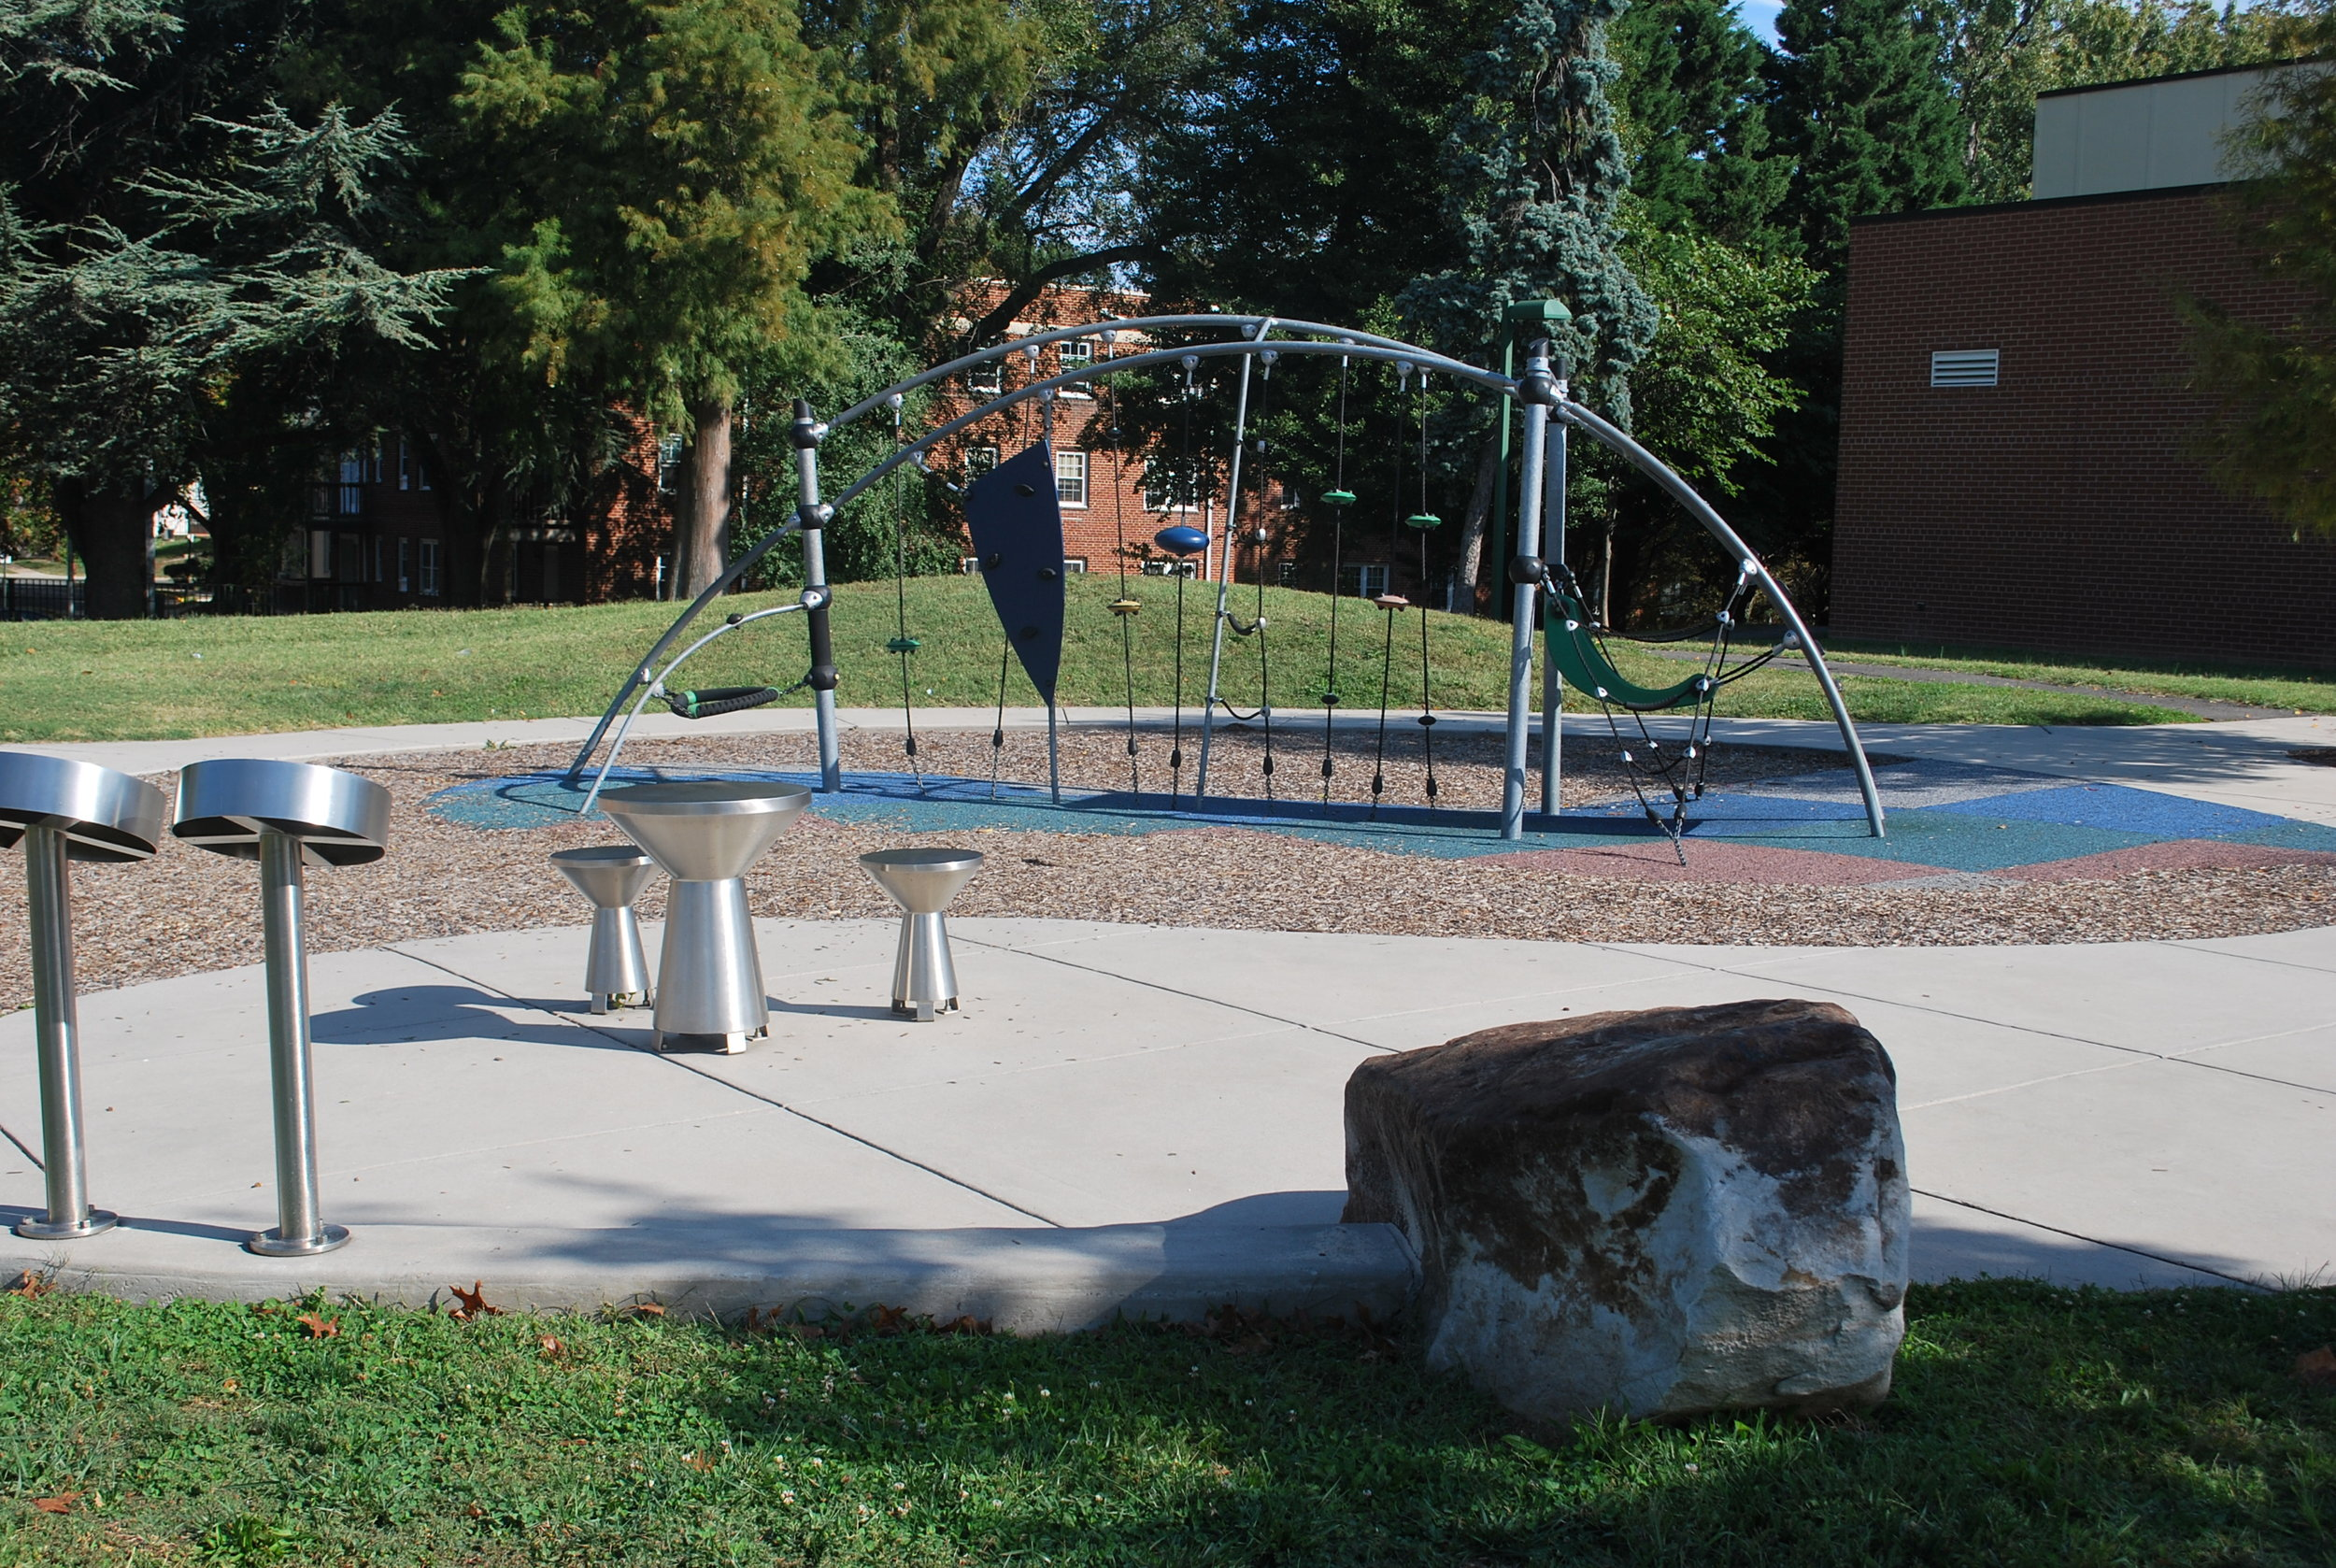 Image courtesy of novaoutdoors.com.